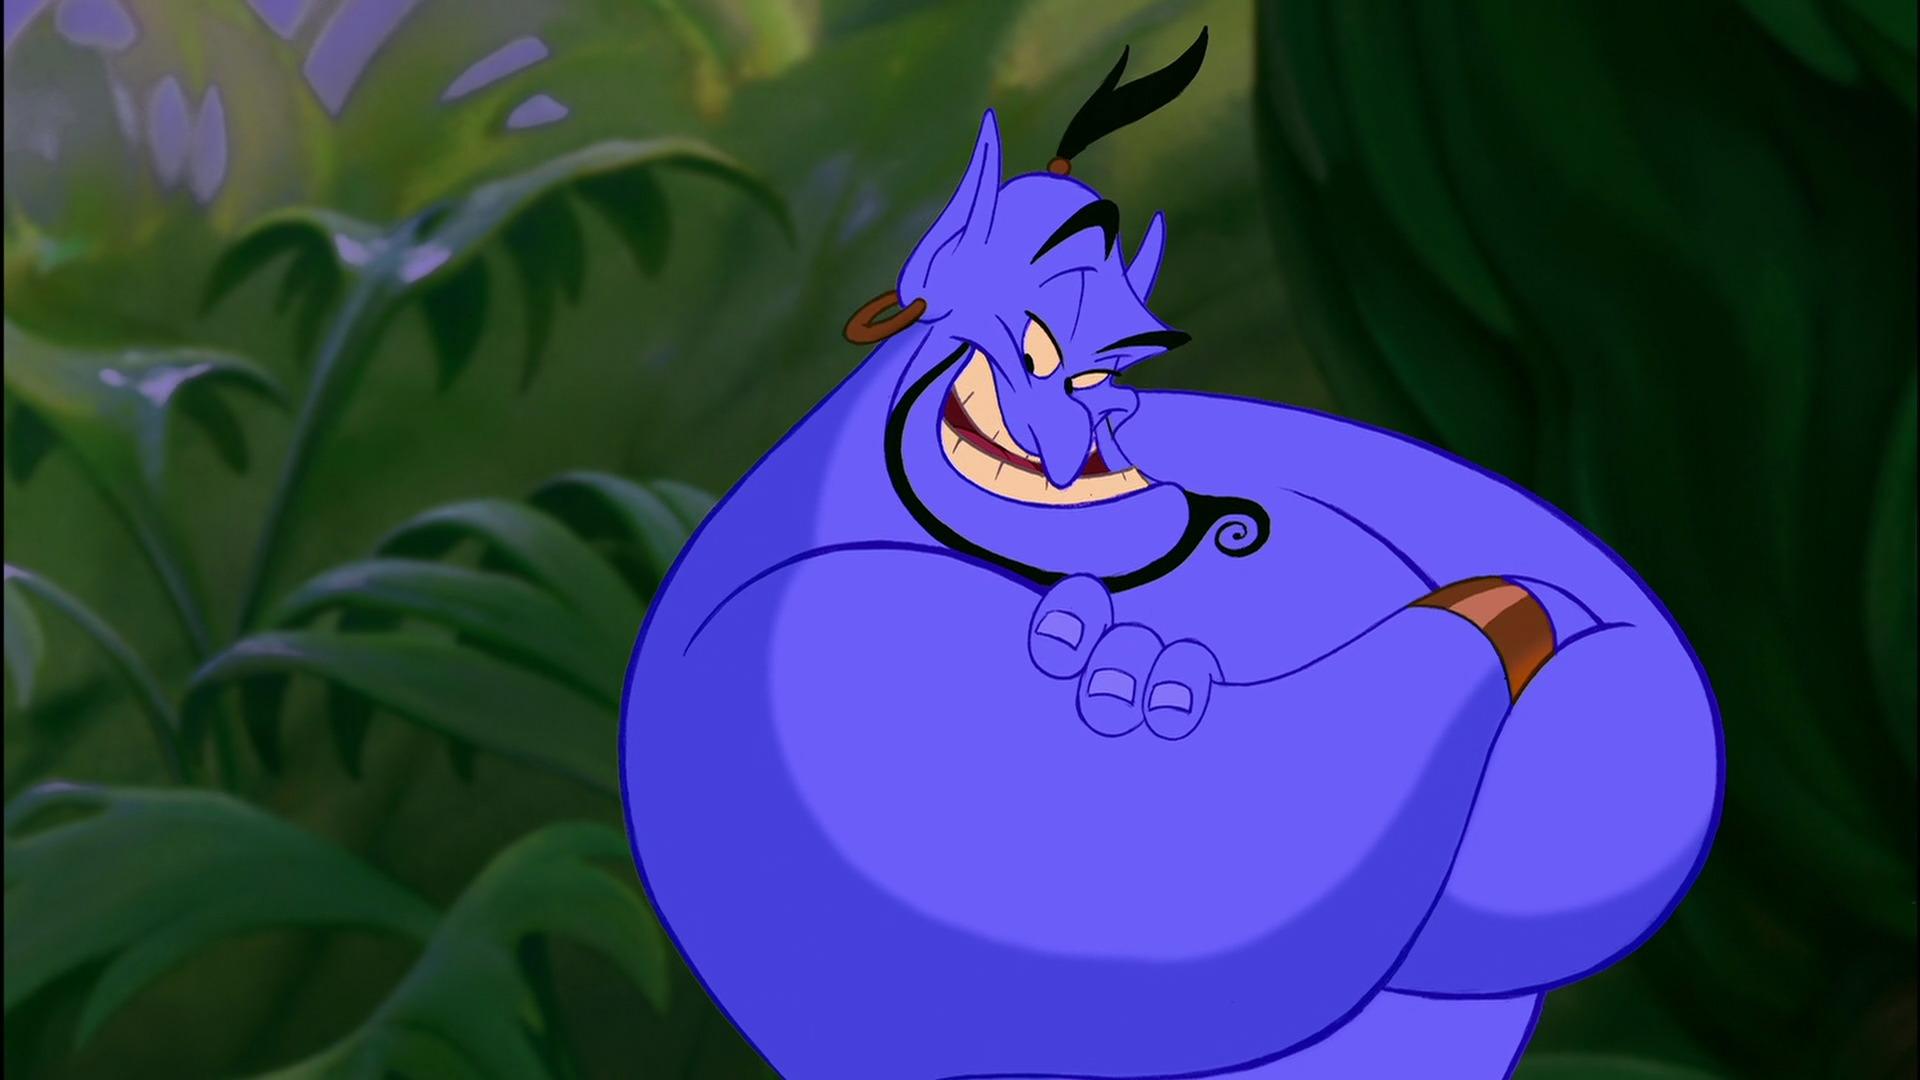 Genie Lamp clipart disney's aladdin Genie Wiki Disney FANDOM powered